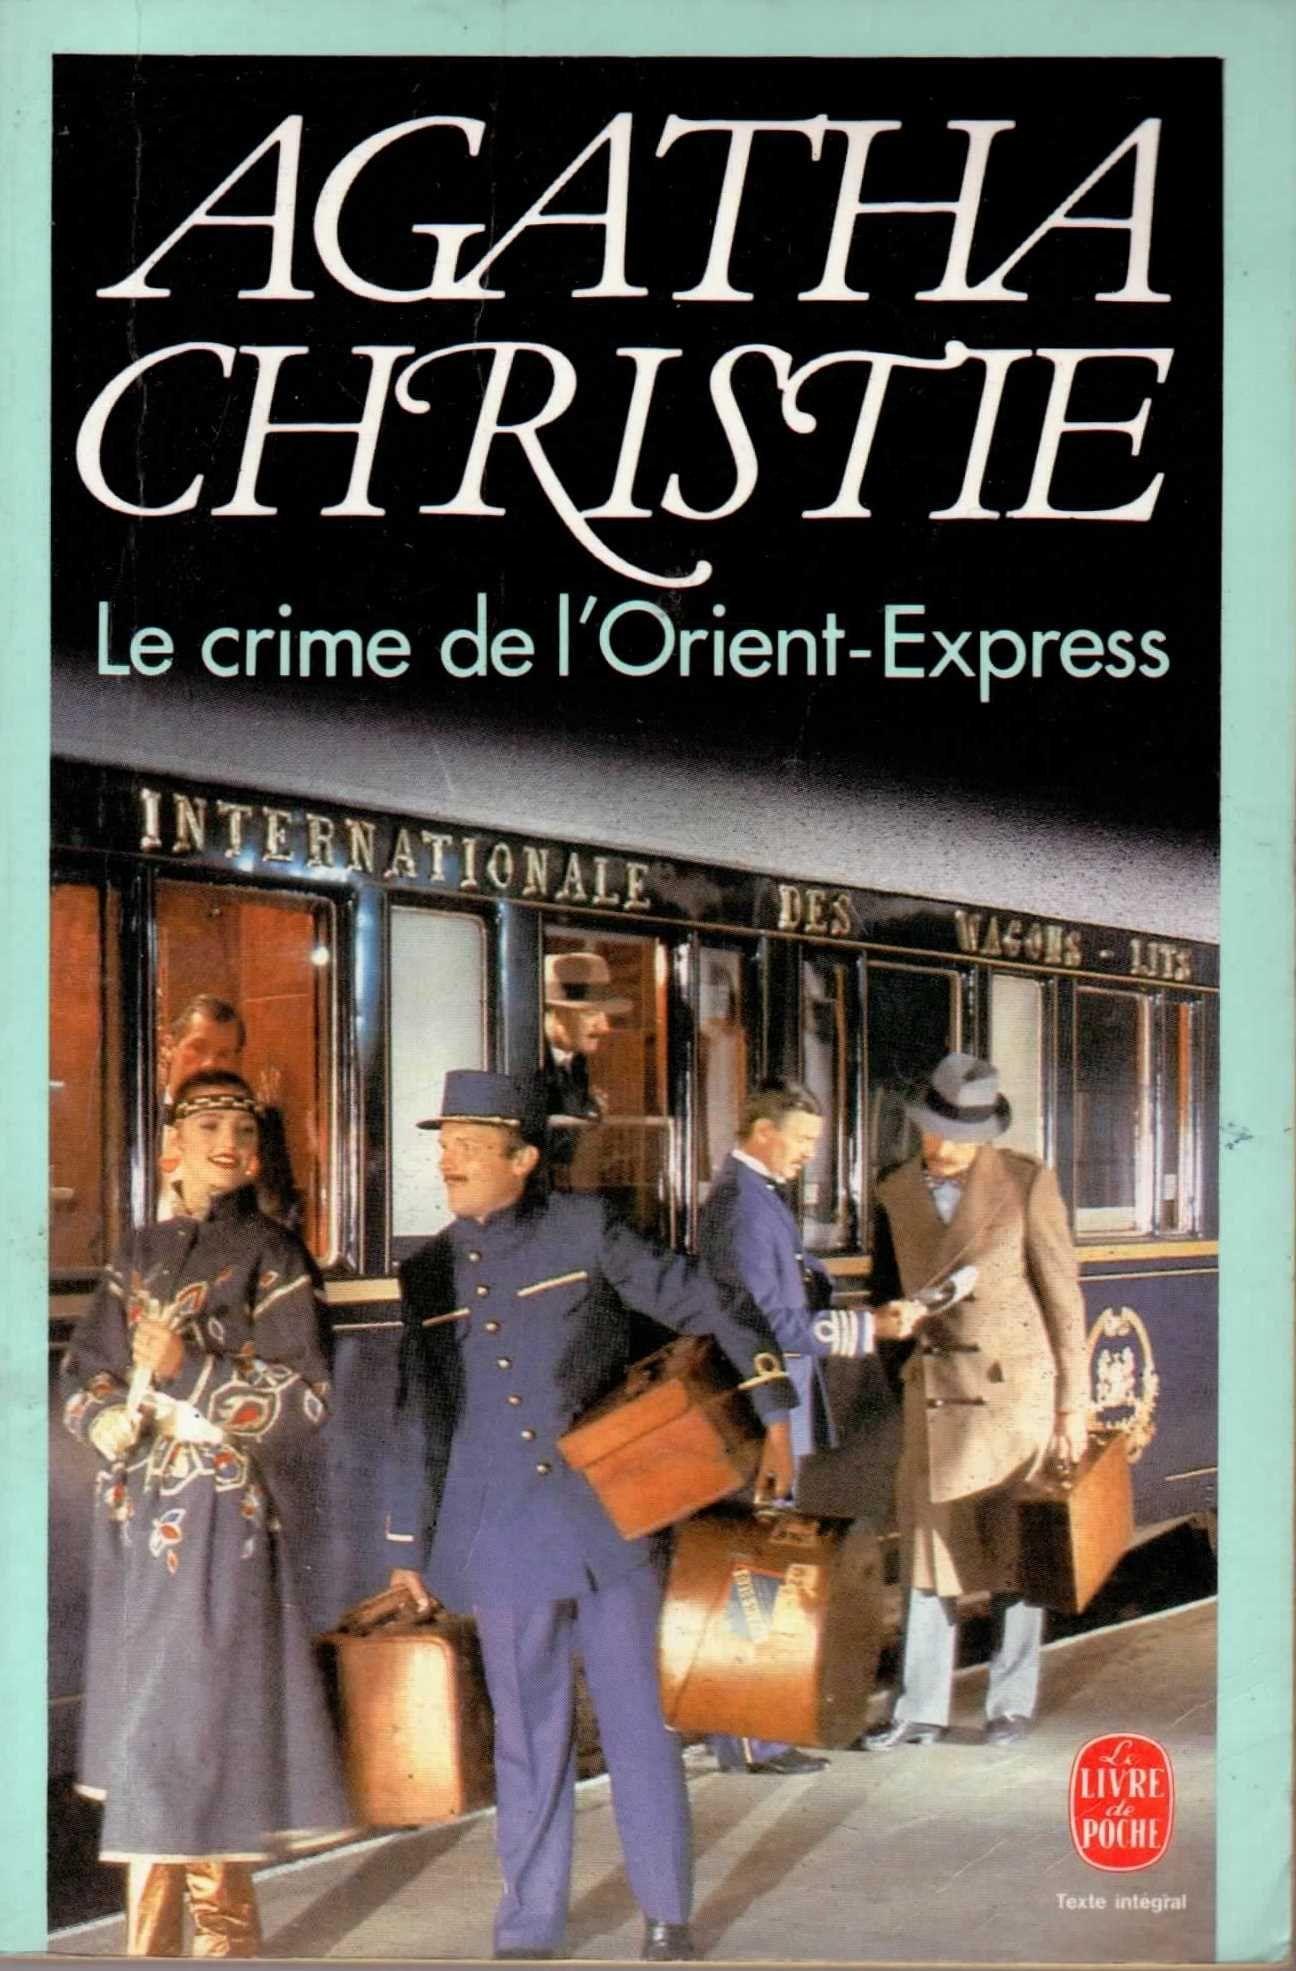 Le Crime De L'orient Express Livre : crime, l'orient, express, livre, Amazon.fr, Crime, L'Orient-Express, Agatha, Christie,, Louis, Postif, Livres, Lire,, Livre